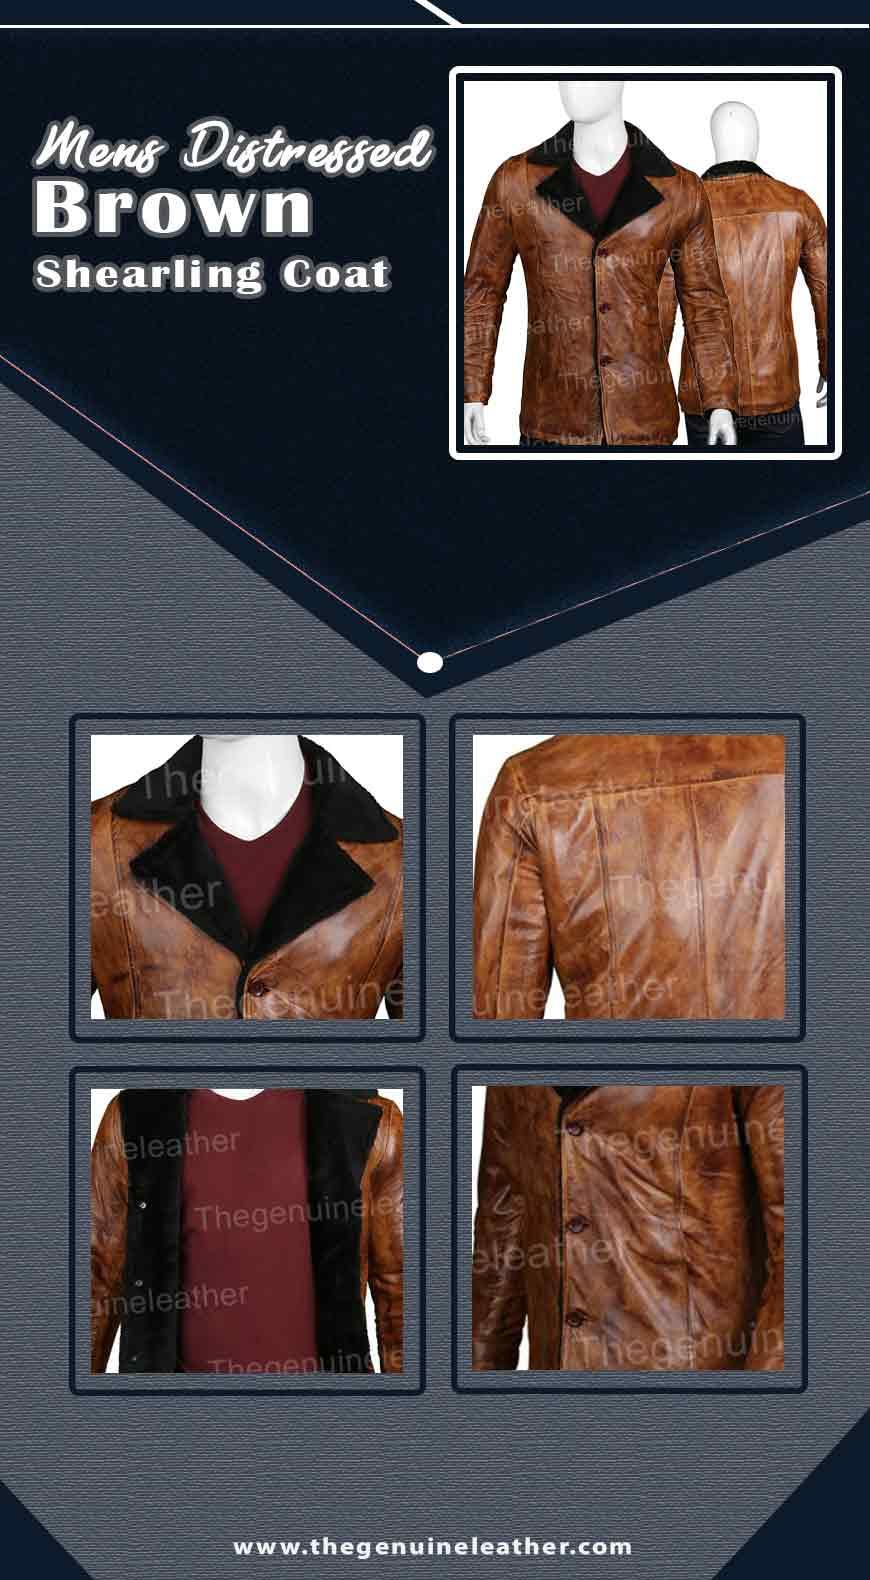 Mens Distressed Brown Shearling Coat